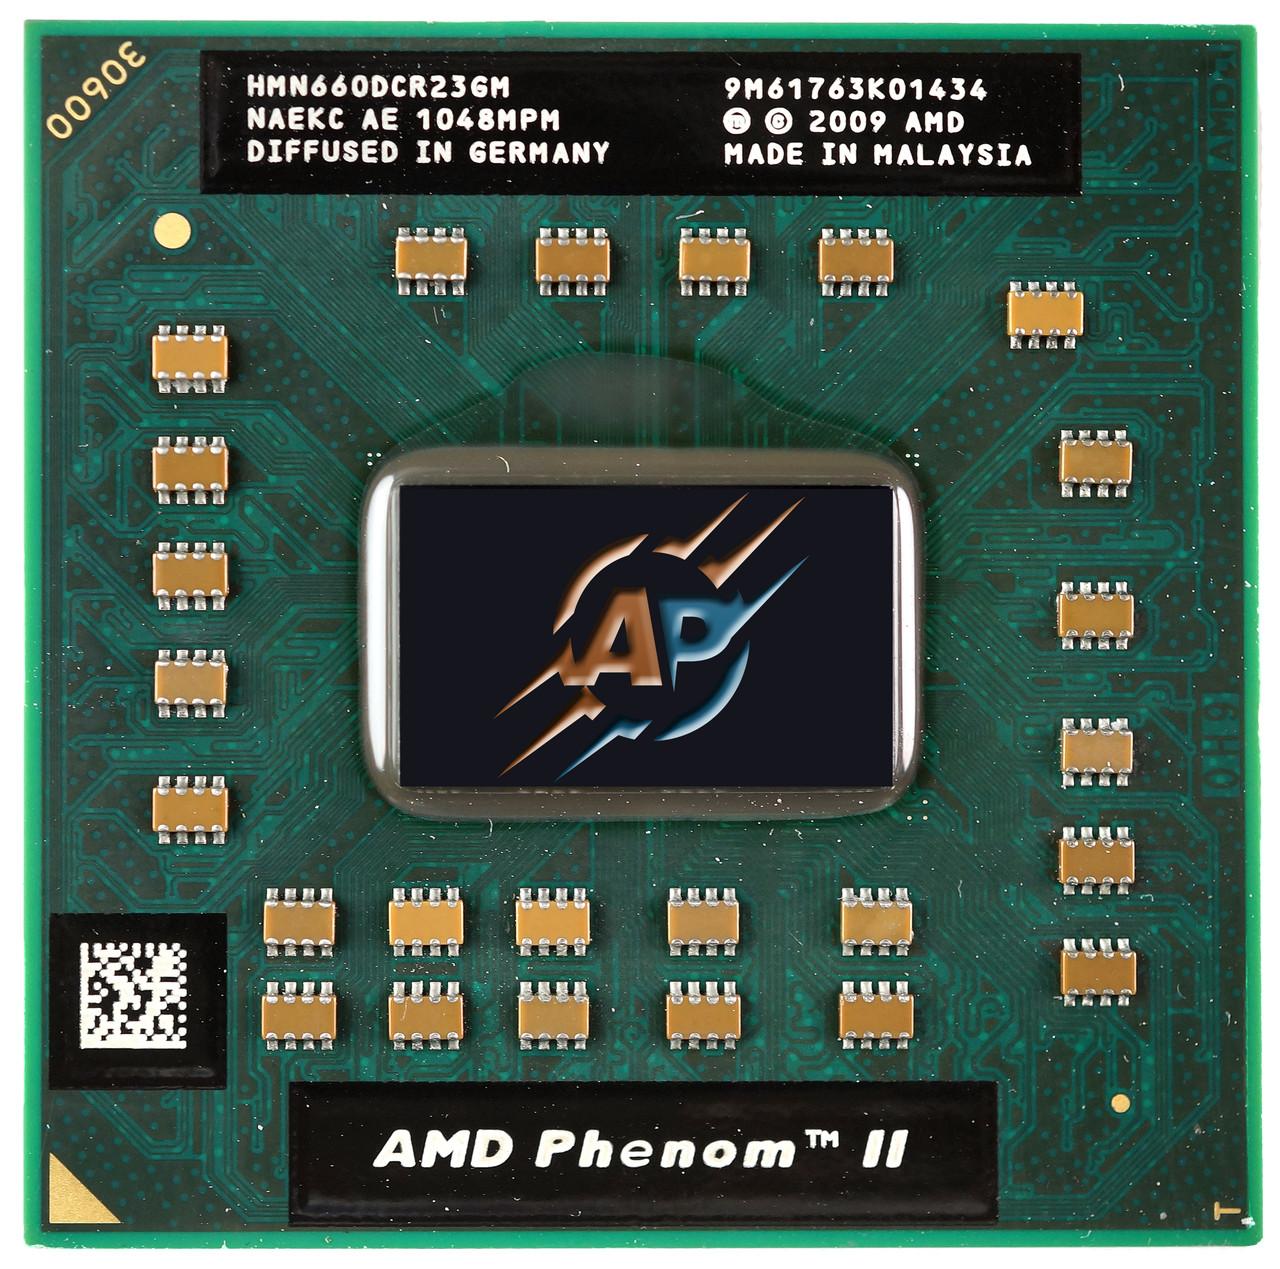 Процессор для ноутбуков, AMD Phenom II N660, 3.0GHz, Socket S1 (S1g4)